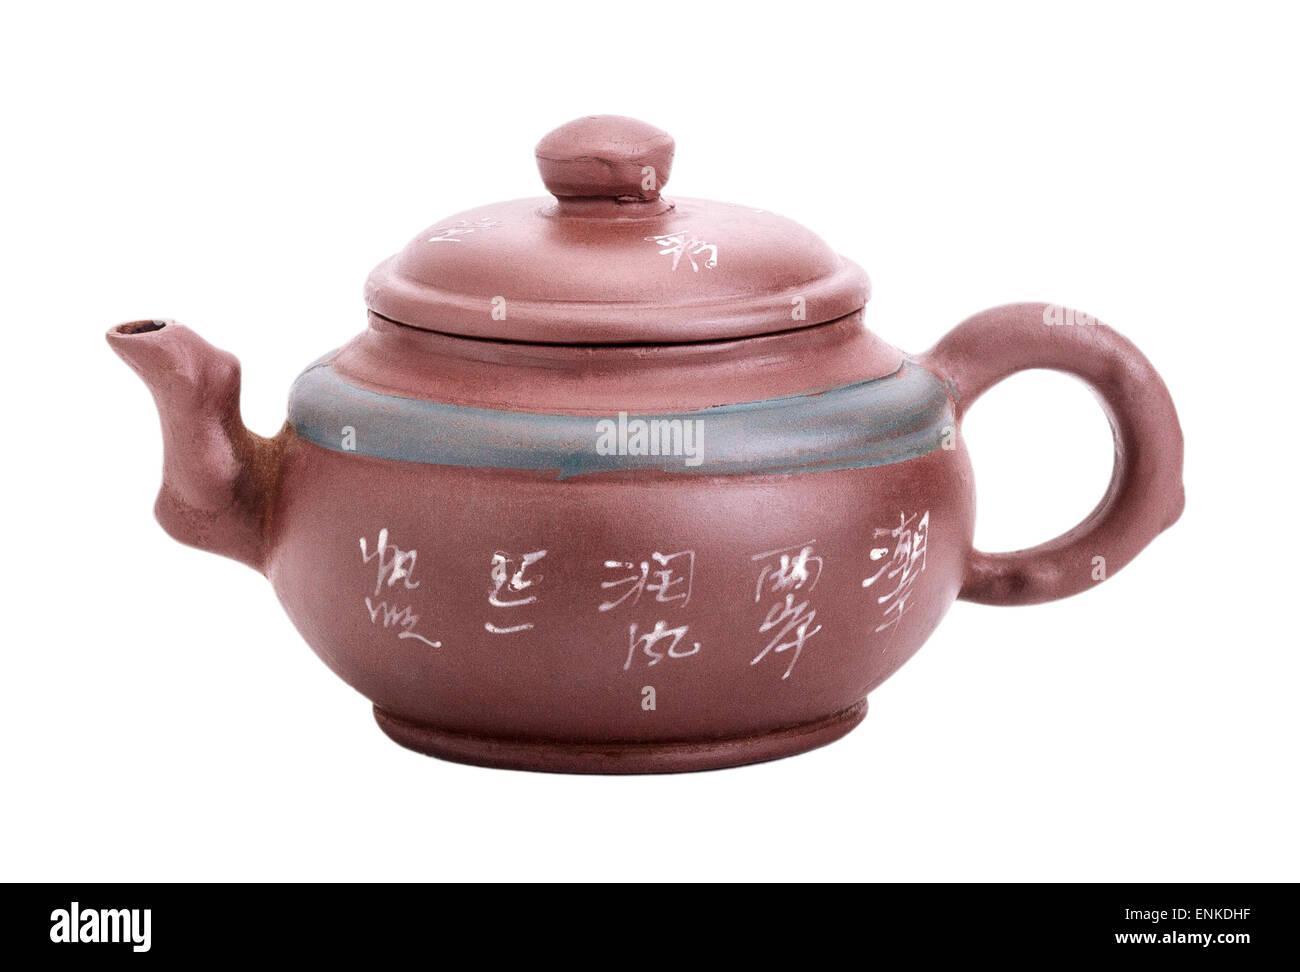 Chinese yixing ceramic handmade teapot isolated on white background - Stock Image